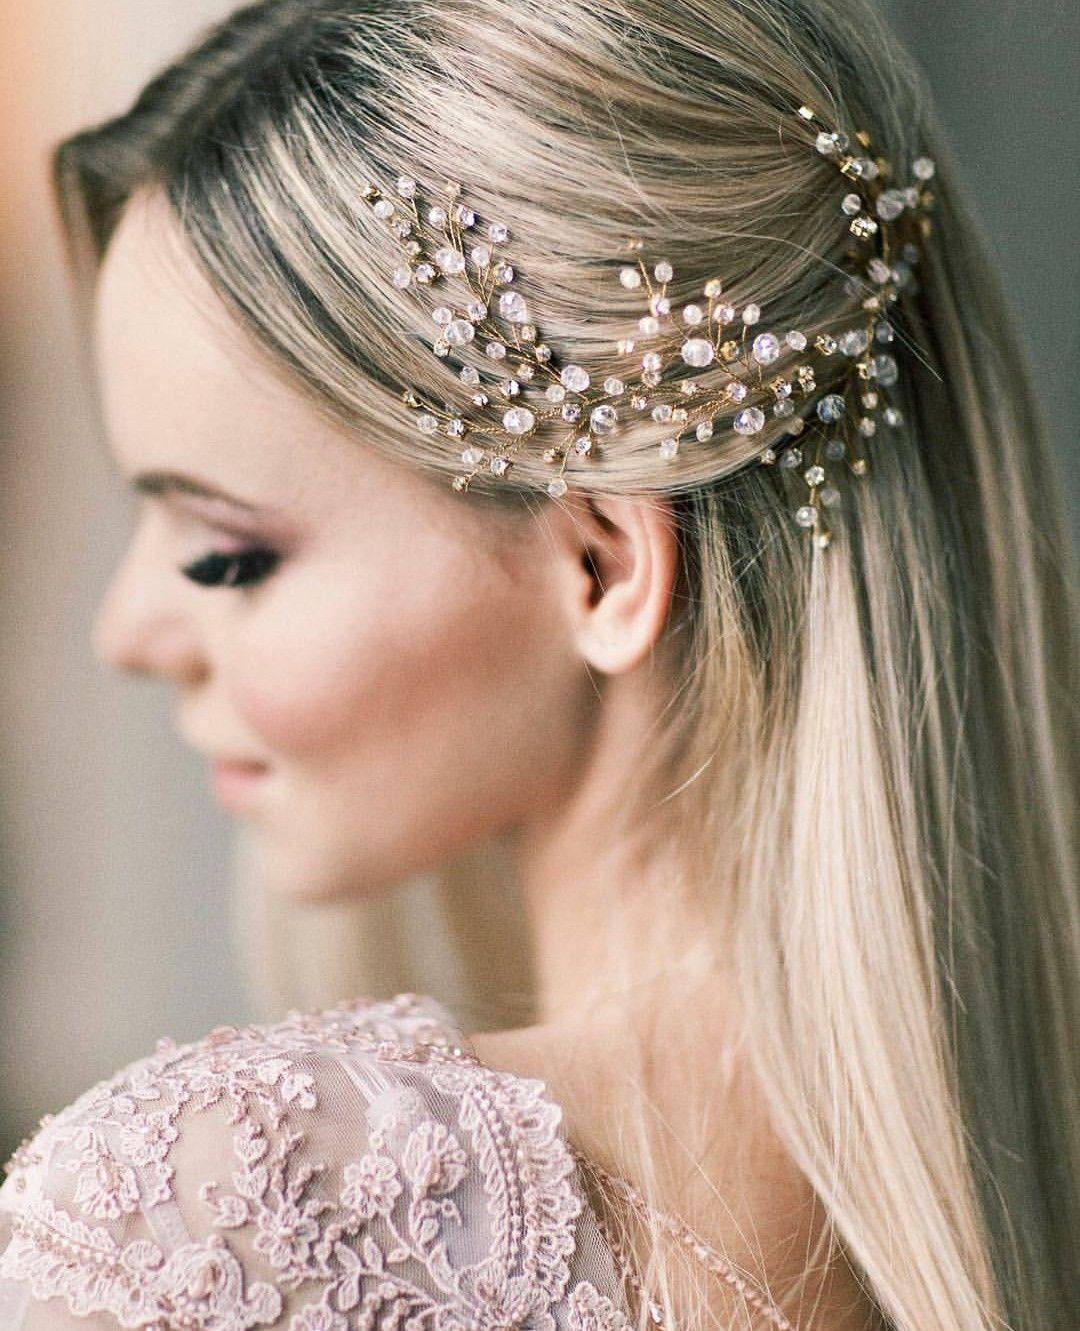 olga delice bridal hair accessories | *headpieces galore